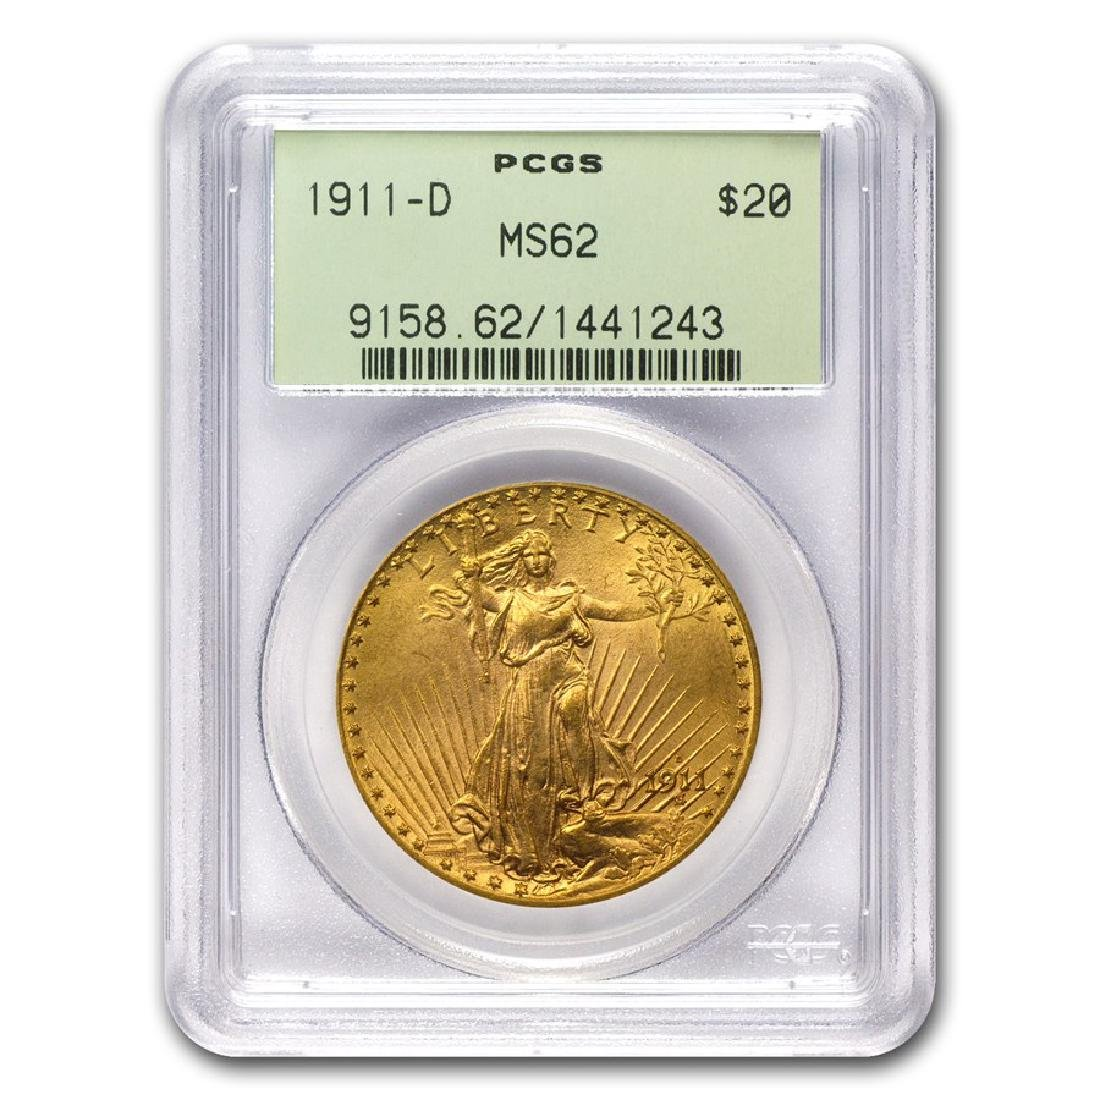 1911-D $20 Saint Gaudens Double Eagle Gold Coin PCGS